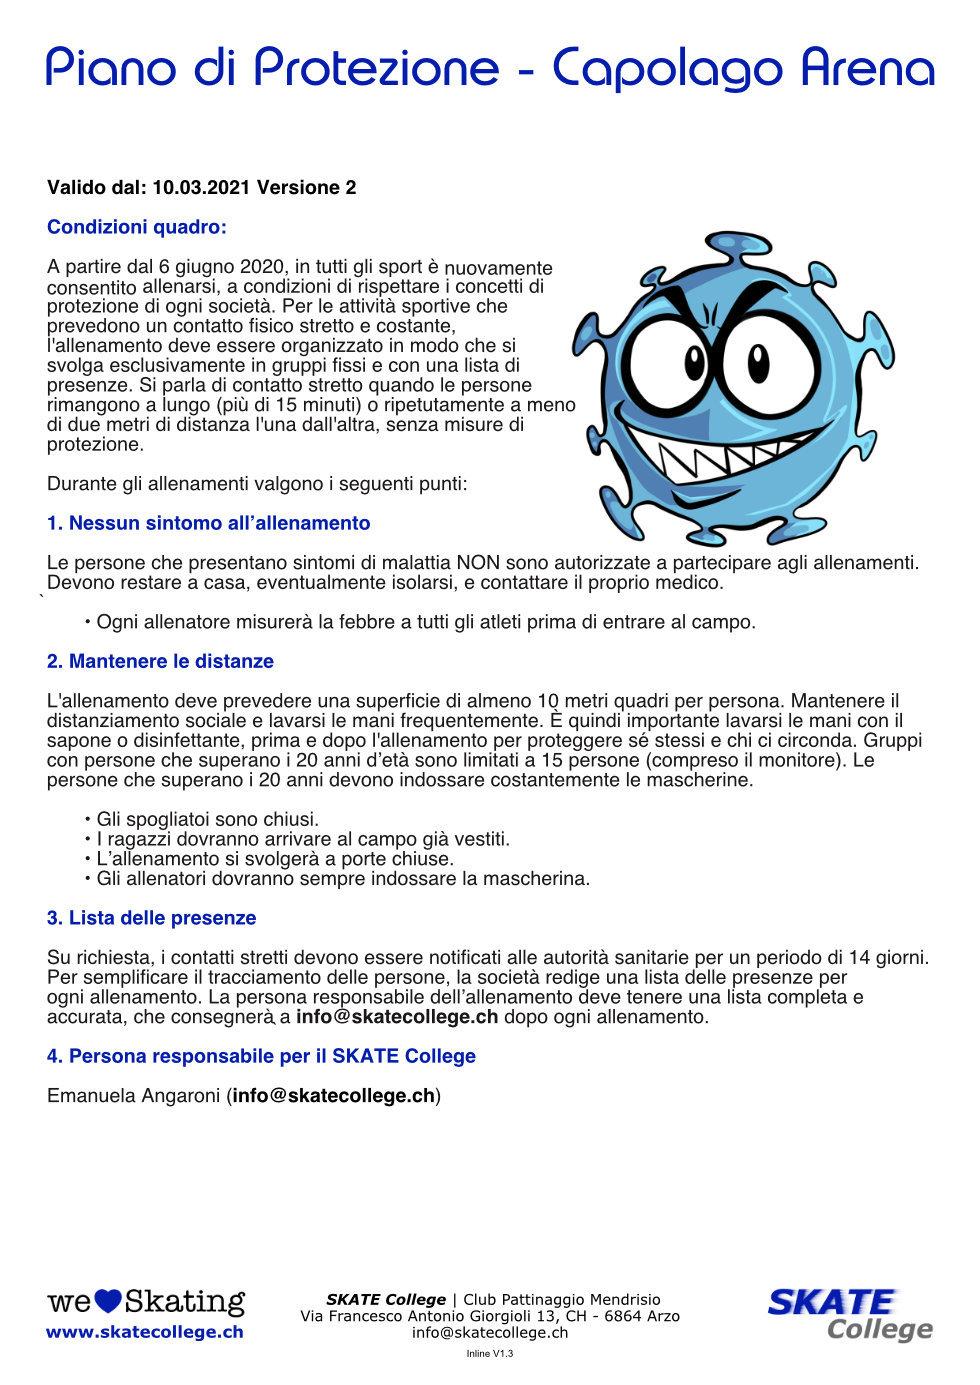 Piano protezione Capolago.jpg